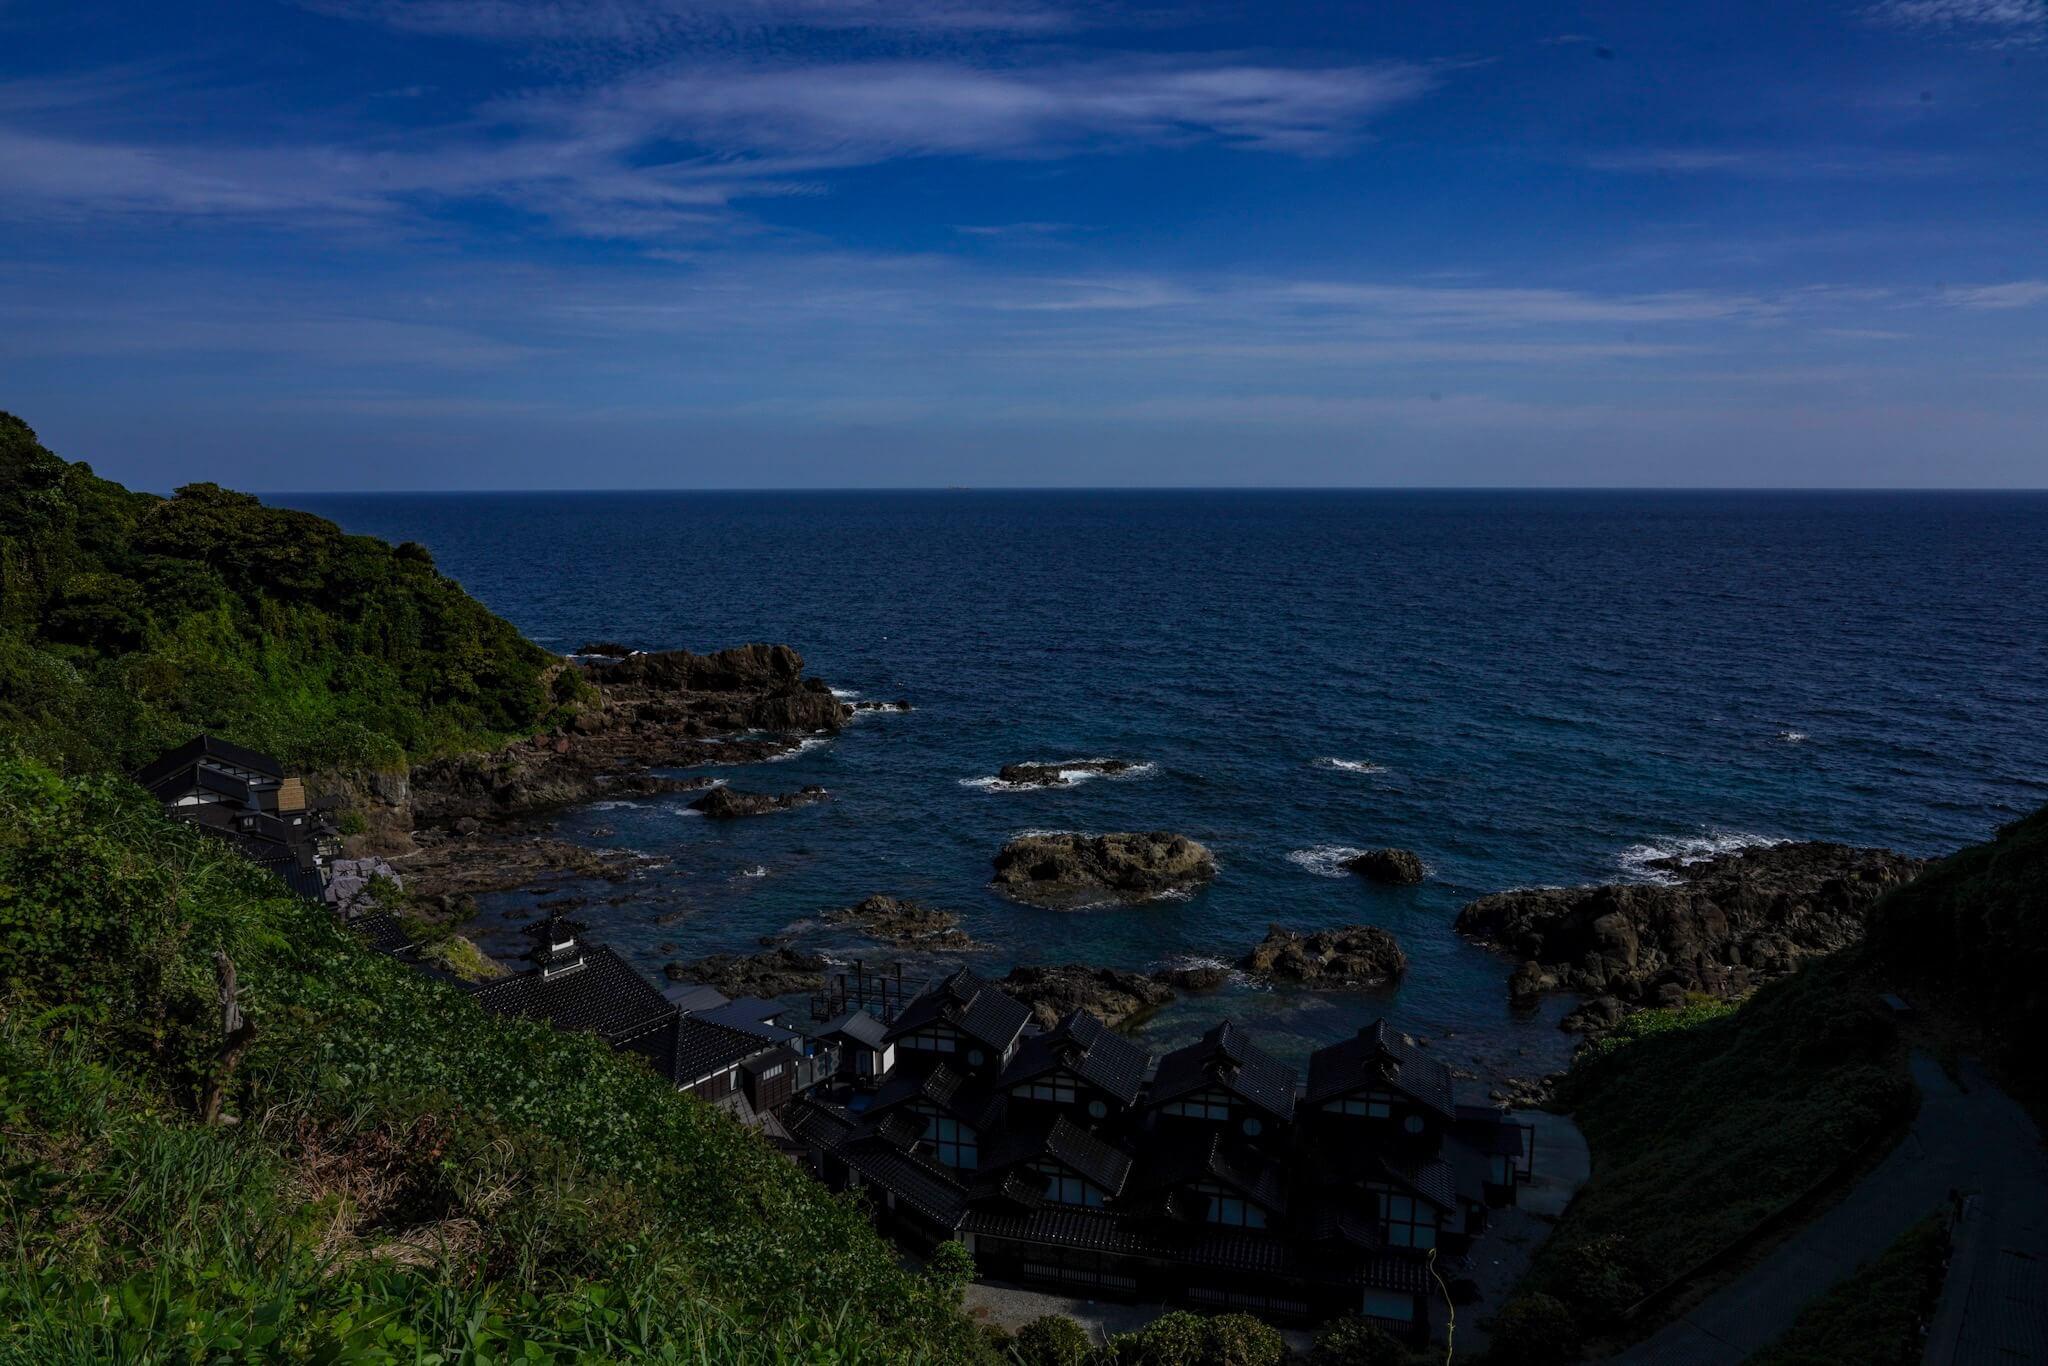 聖域の岬・青の洞窟 パワースポット「ランプの宿」